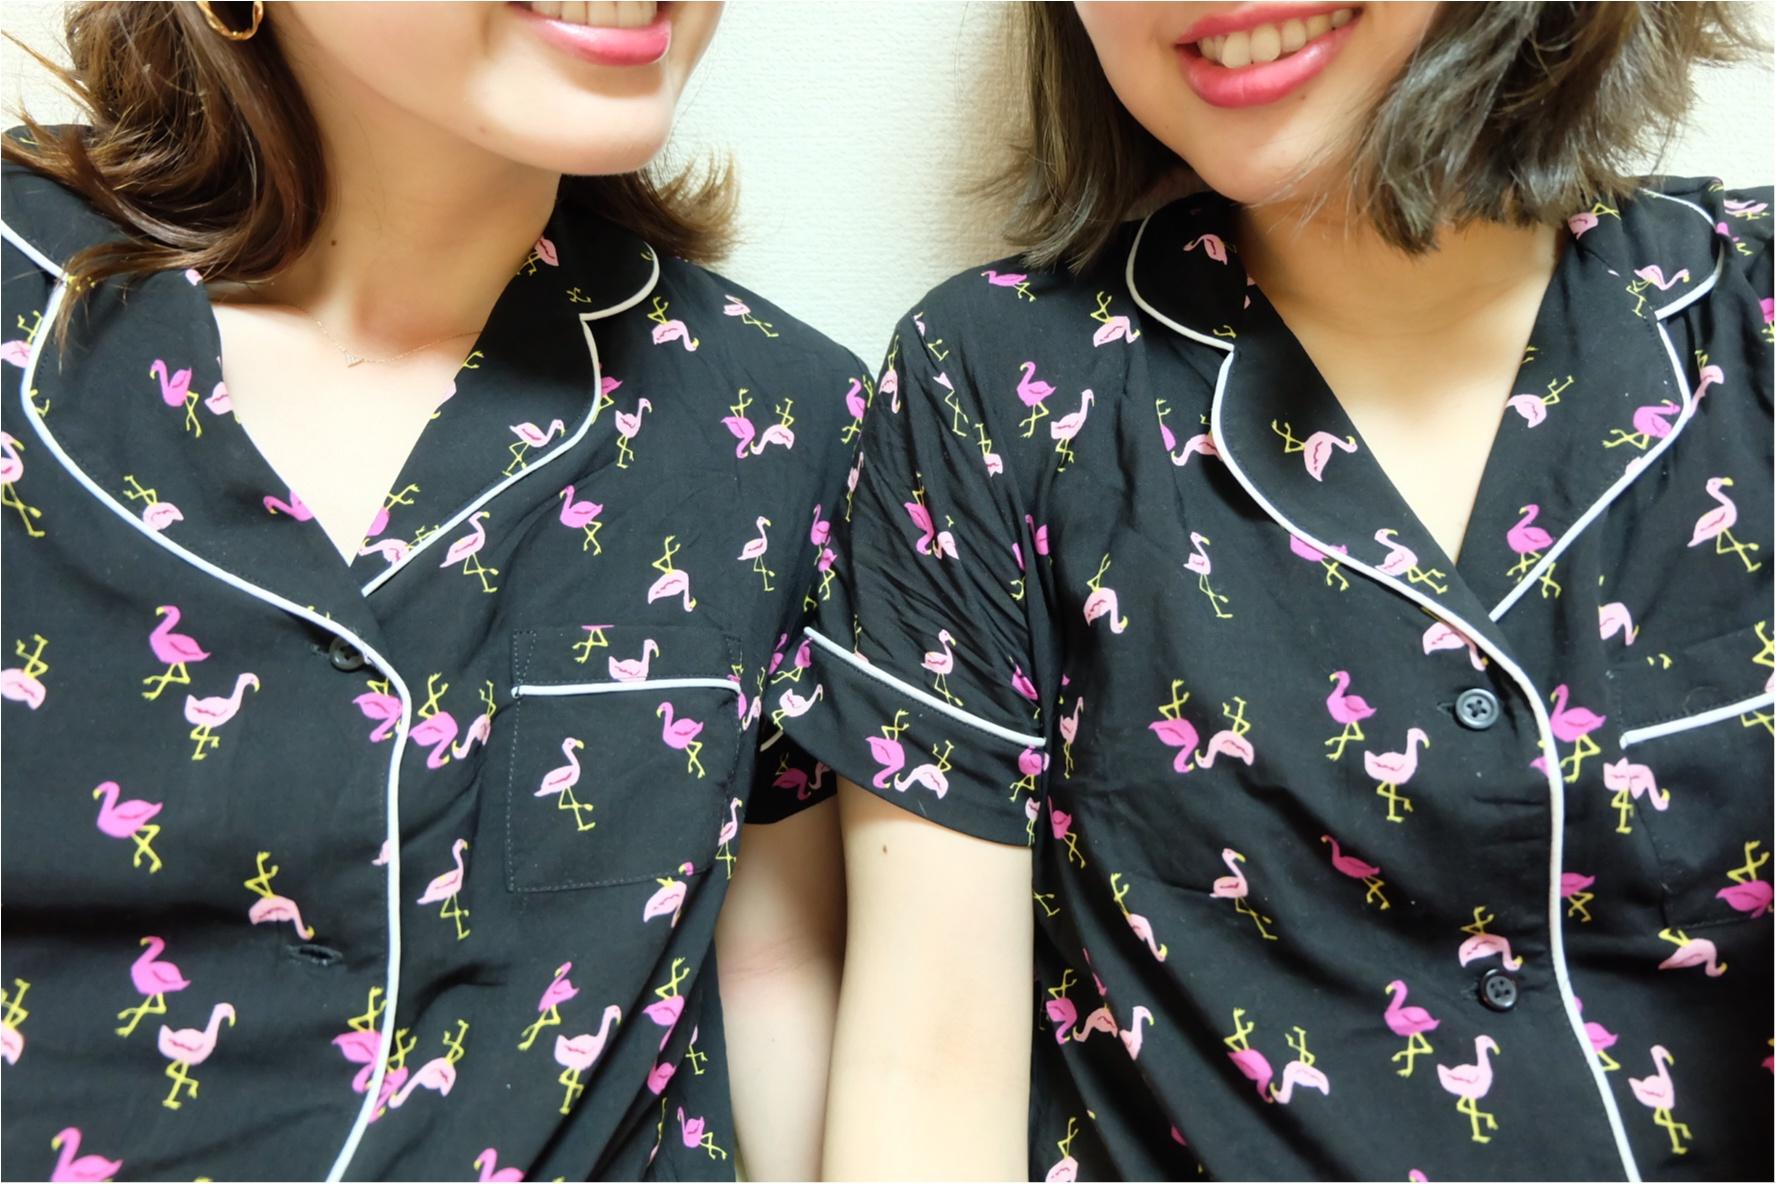 インスタ映えする《GUパジャマ》で可愛い女子会しちゃおう♡_2